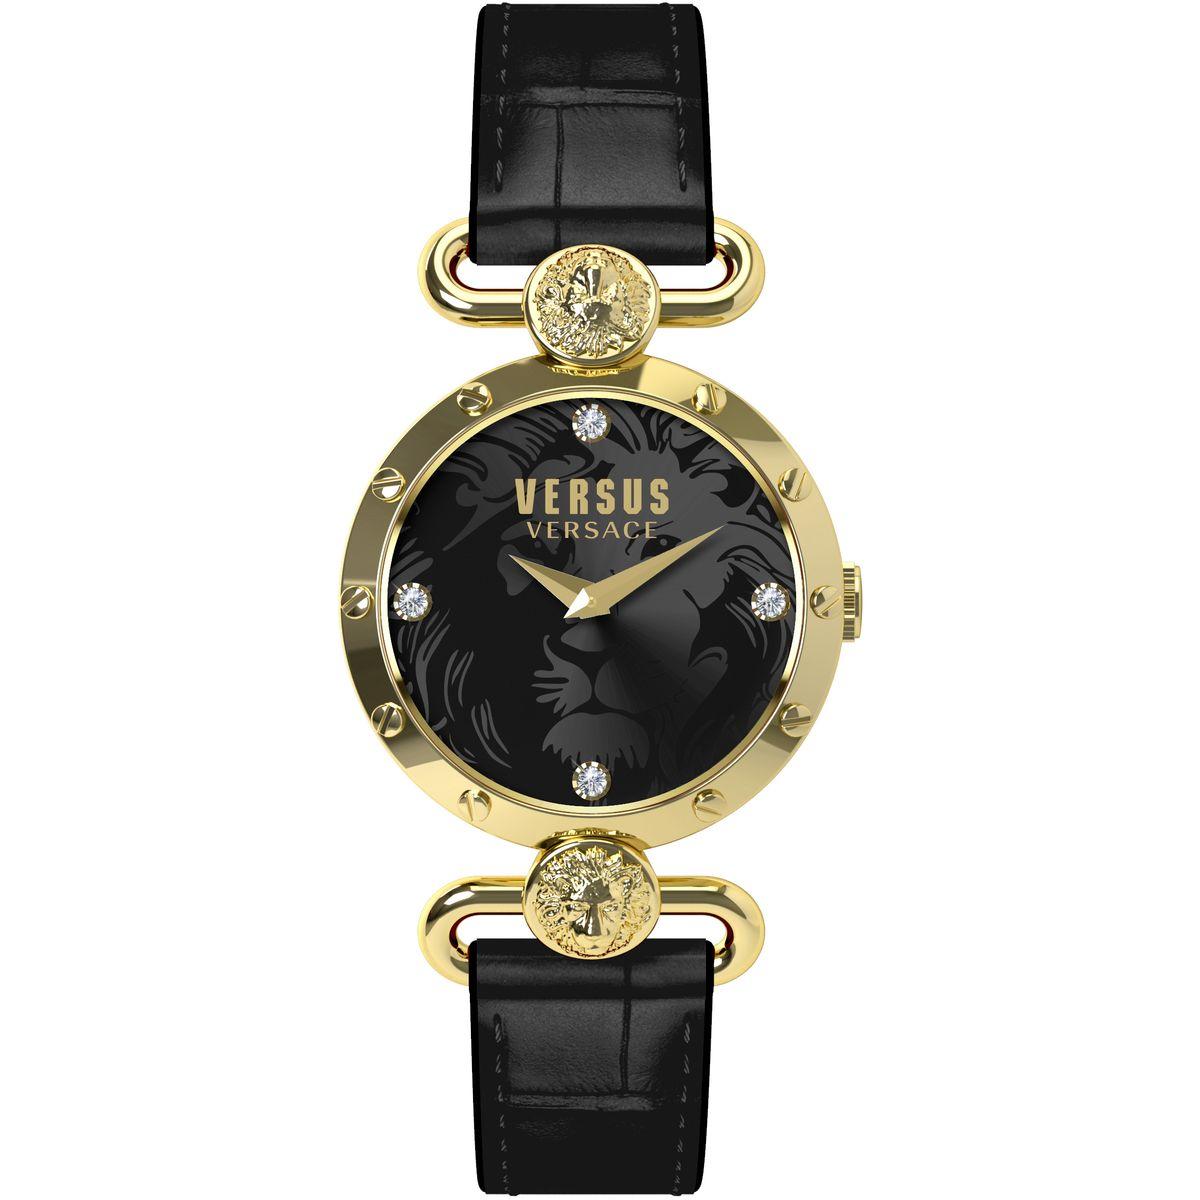 Часы наручные женские Versus Versace, цвет: золотой, черный. SOL040015SOL040015Элегантные женские часы Versus Versace выполнены из нержавеющей стали, натуральной кожи с тиснением под рептилию и минерального стекла. Циферблат часов дополнен стразами и символикой бренда. Корпус часов оснащен кварцевым механизмом, имеет степень влагозащиты равную 3 atm, а также дополнен устойчивым к царапинам минеральным стеклом. Ремешок часов оснащен классической пряжкой, которая позволит с легкостью снимать и надевать изделие. Часы поставляются в фирменной упаковке. Часы Versus Versace подчеркнут изящность женской руки и отменное чувство стиля у их обладательницы.